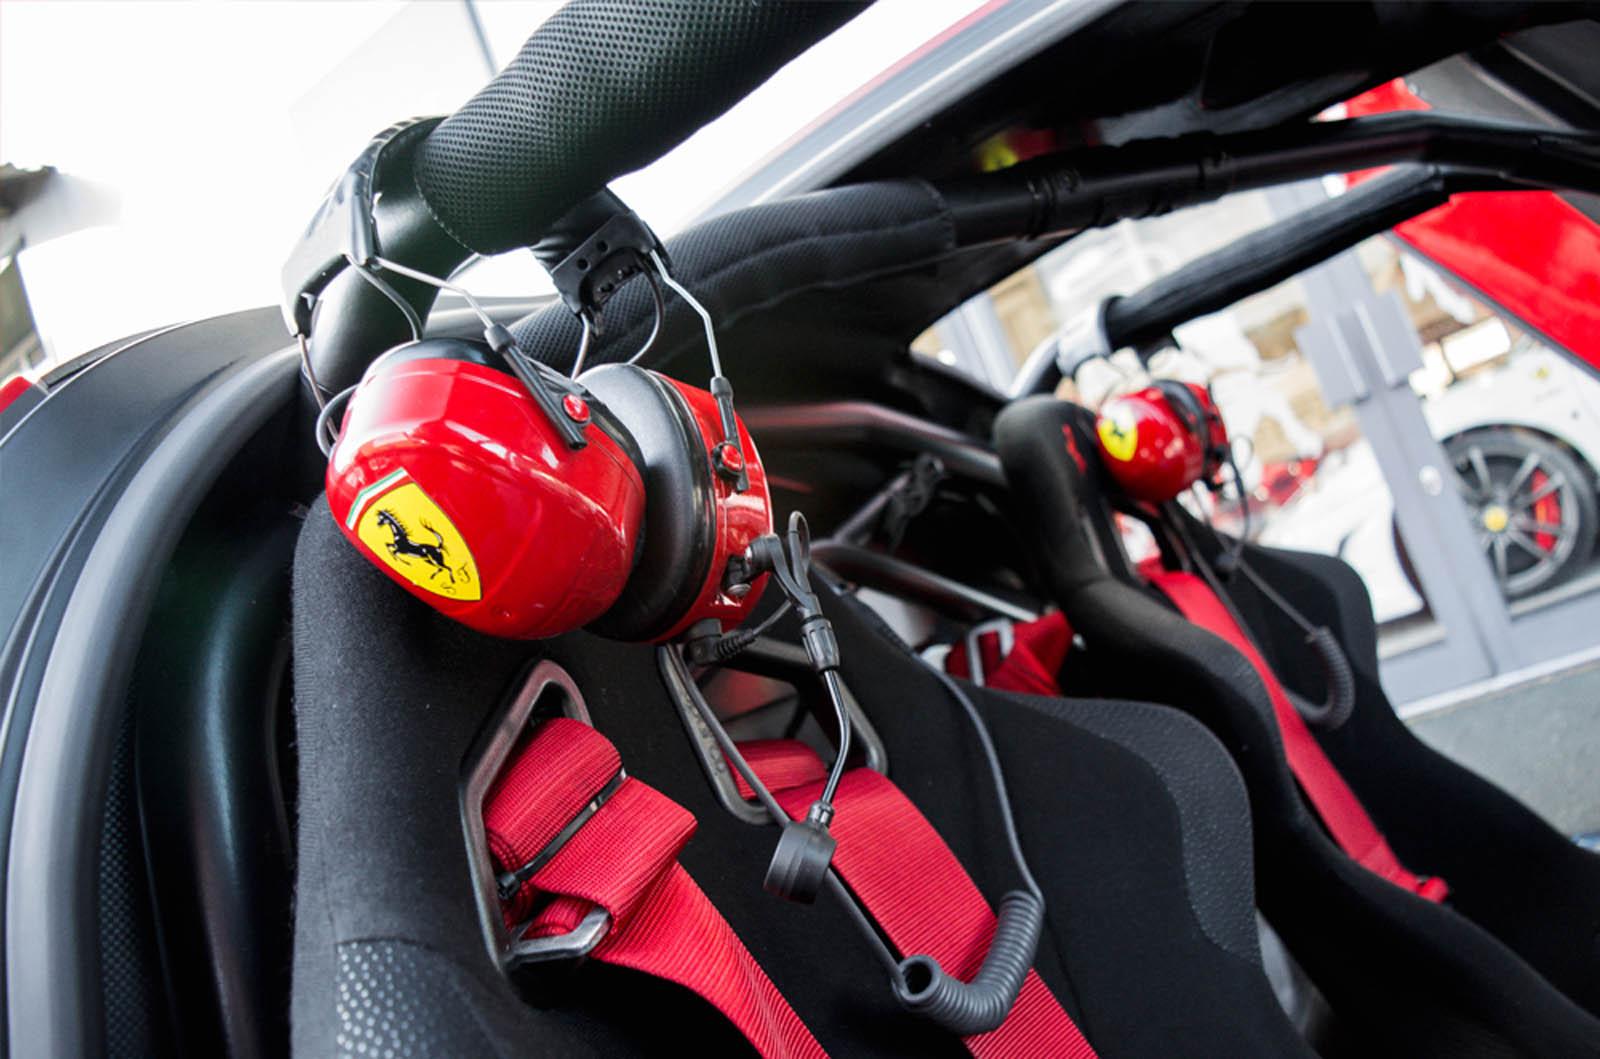 Ferrari_FXX_Evoluzione_for_sale_06